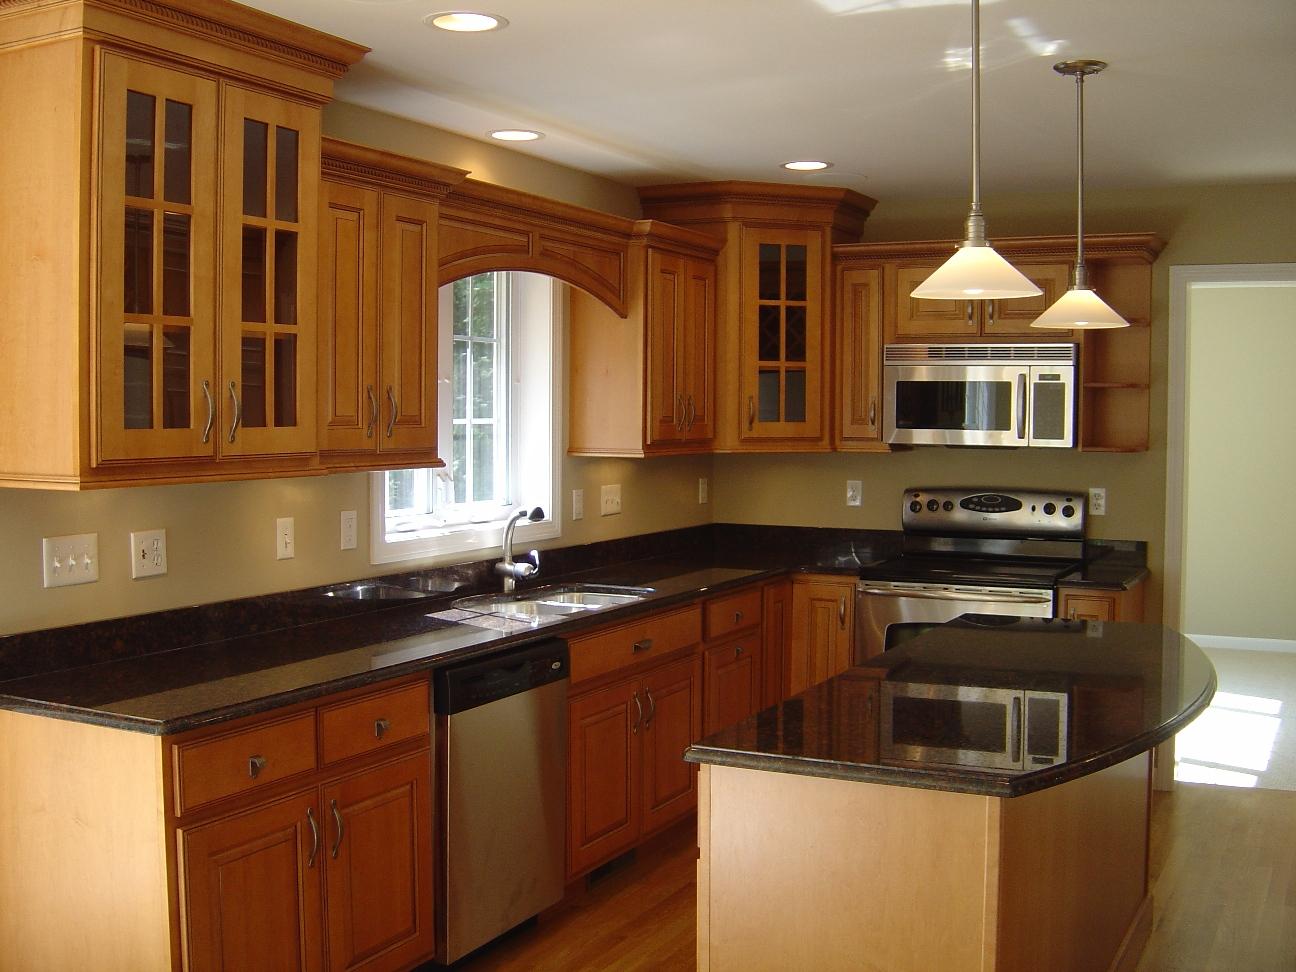 Thiết kế không gian cho nhà bếp của bạn (4)